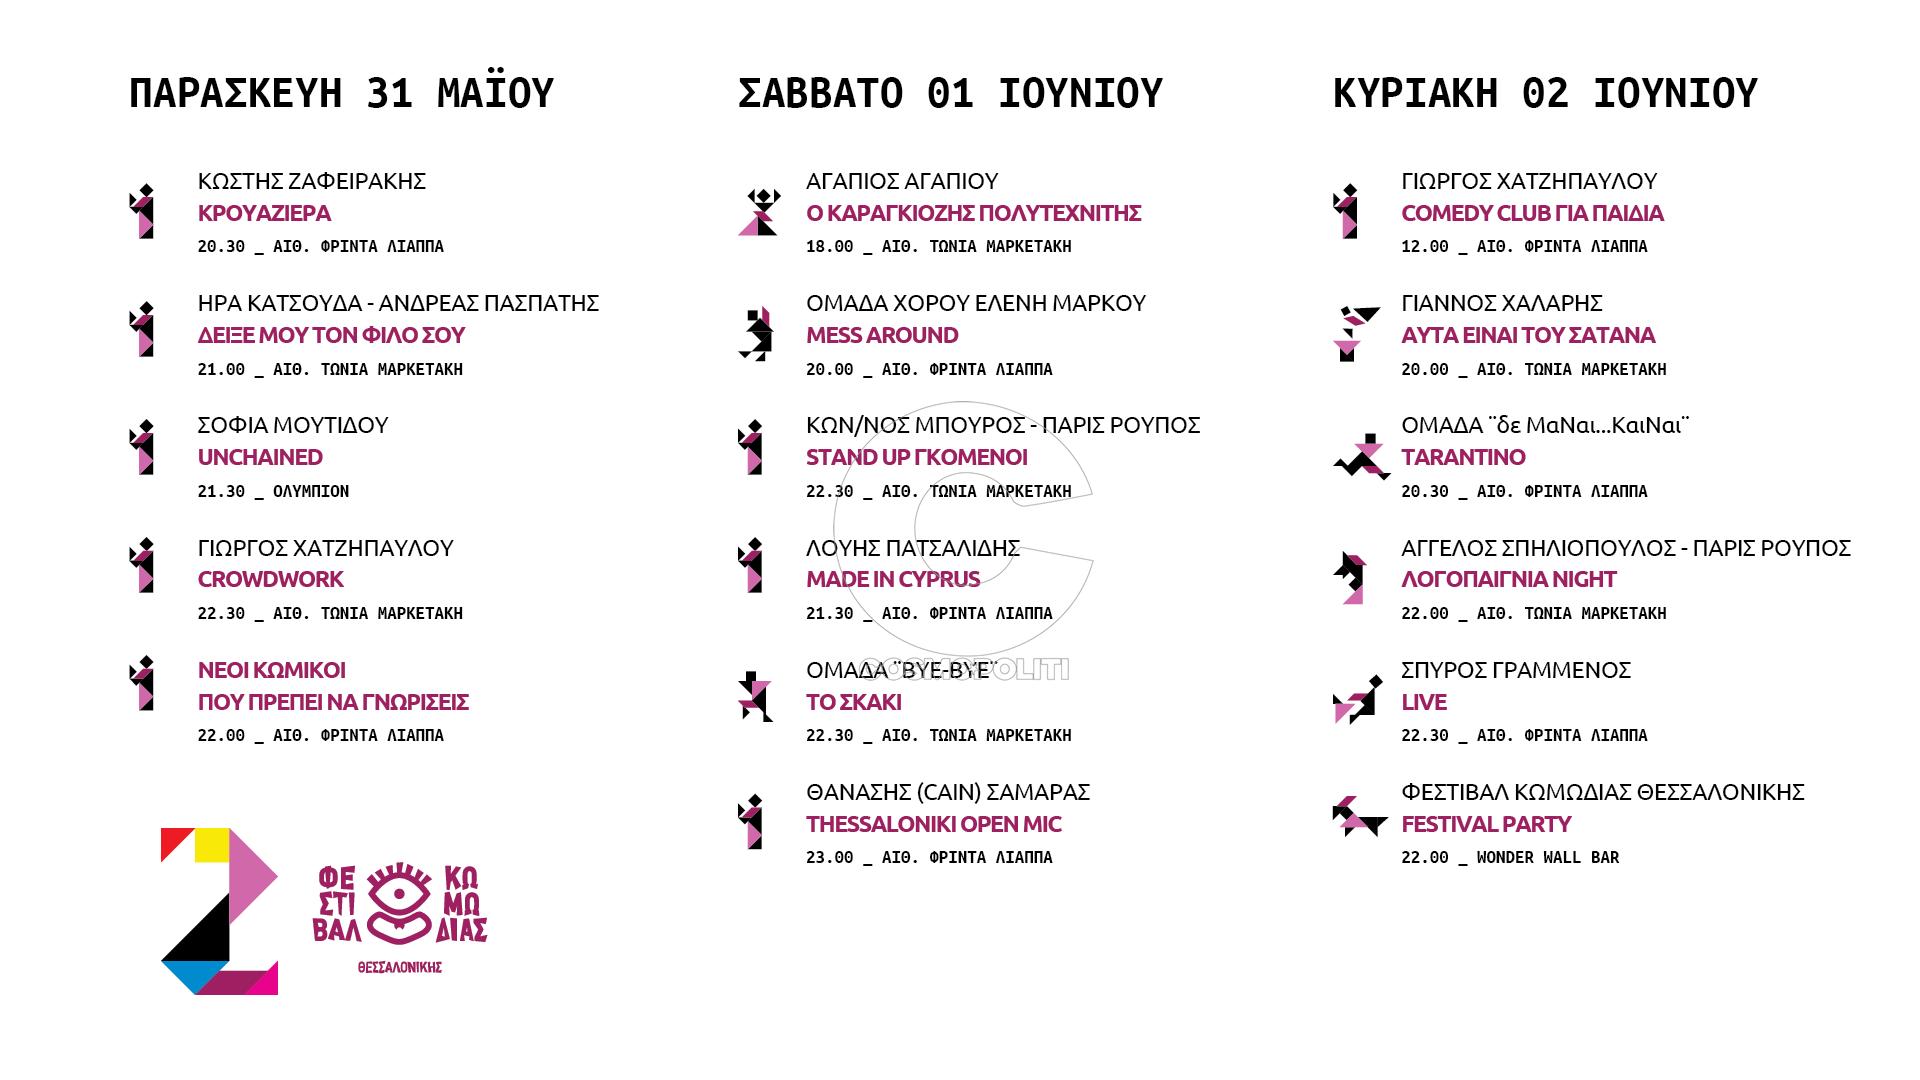 Πρόγραμμα 2ο Φεστιβάλ Κωμωδίας Θεσσαλονίκης